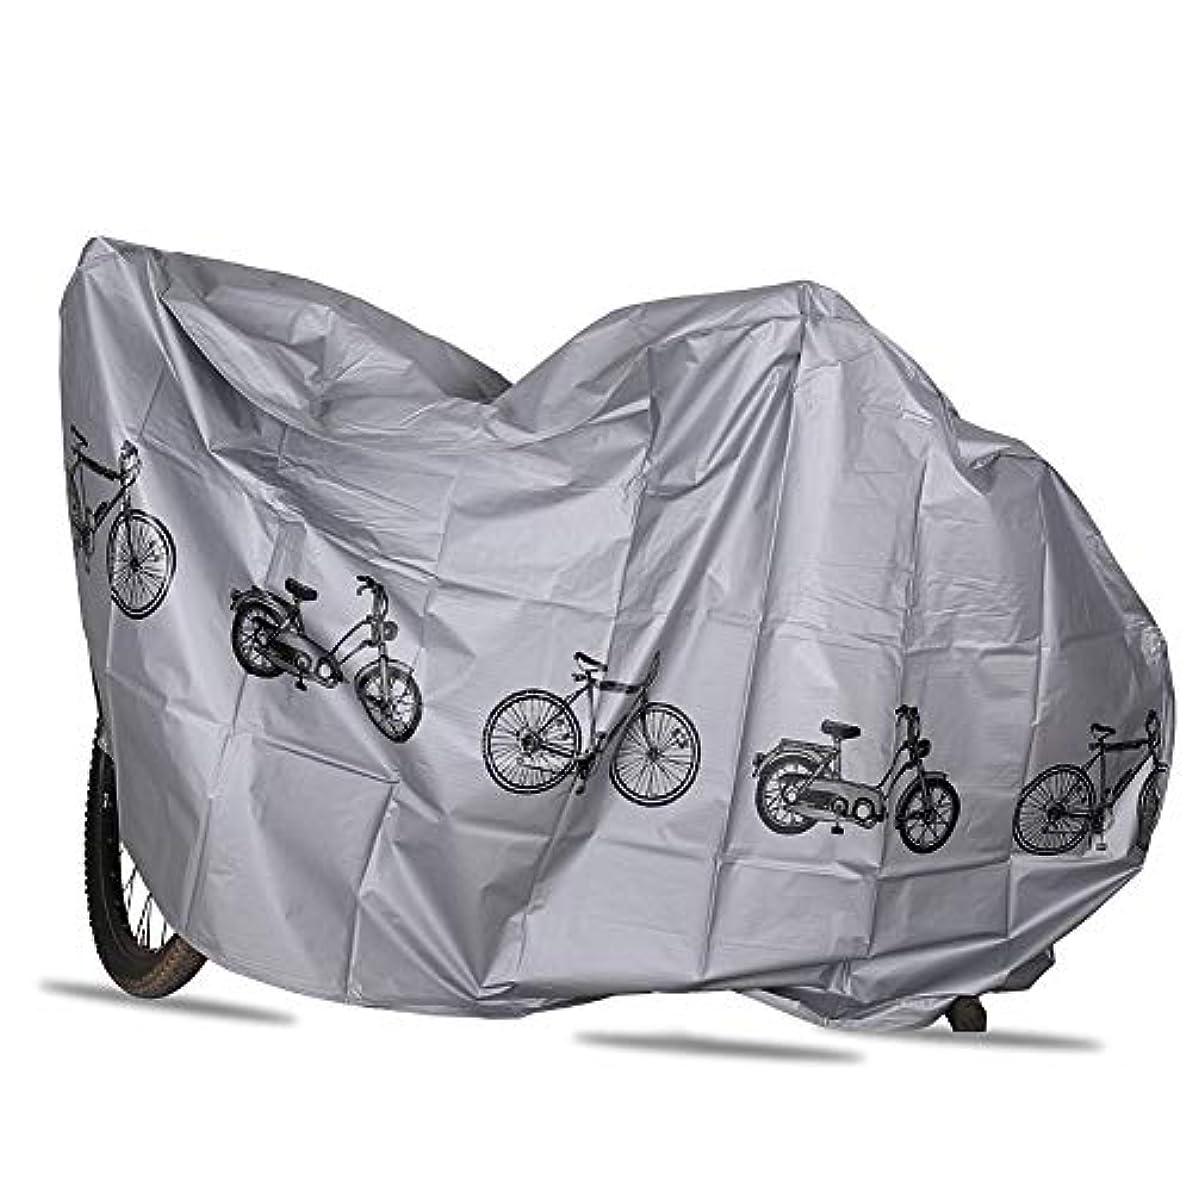 曲げる変形先入観Pormasbenzer 自転車カバー 防水 アウトドア バイクカバー 防塵 防風 雨 太陽 紫外線 マウンテンロード 電動自転車 ラック用